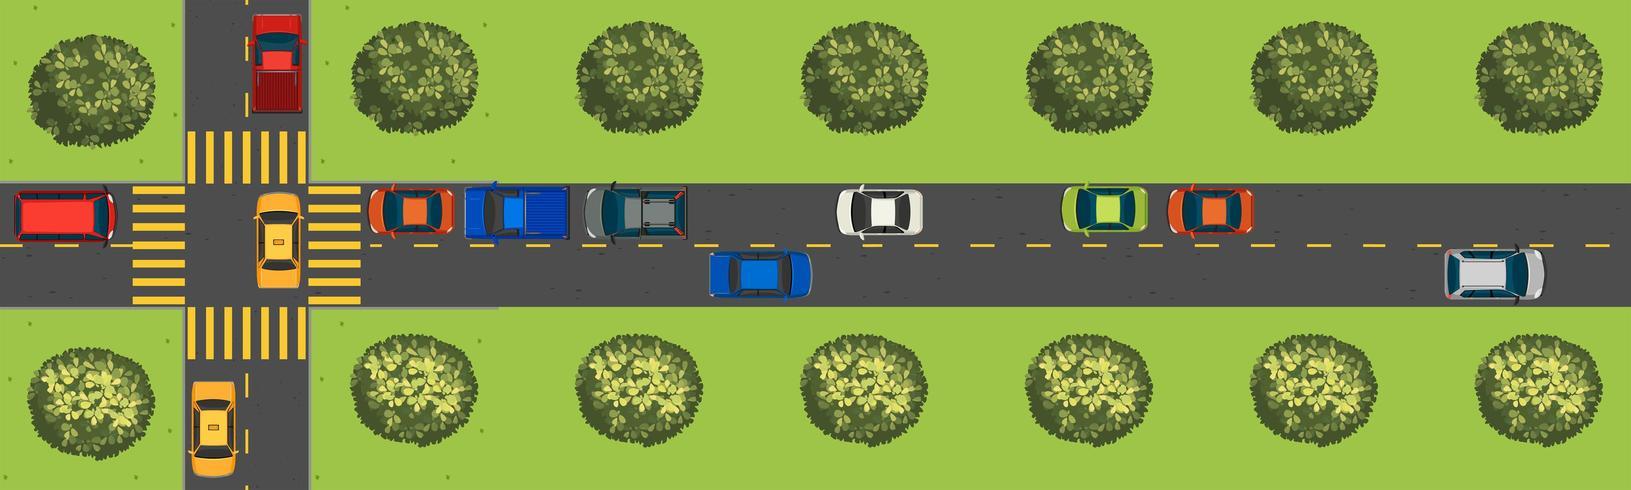 Ovanifrån scen med bilar på vägen